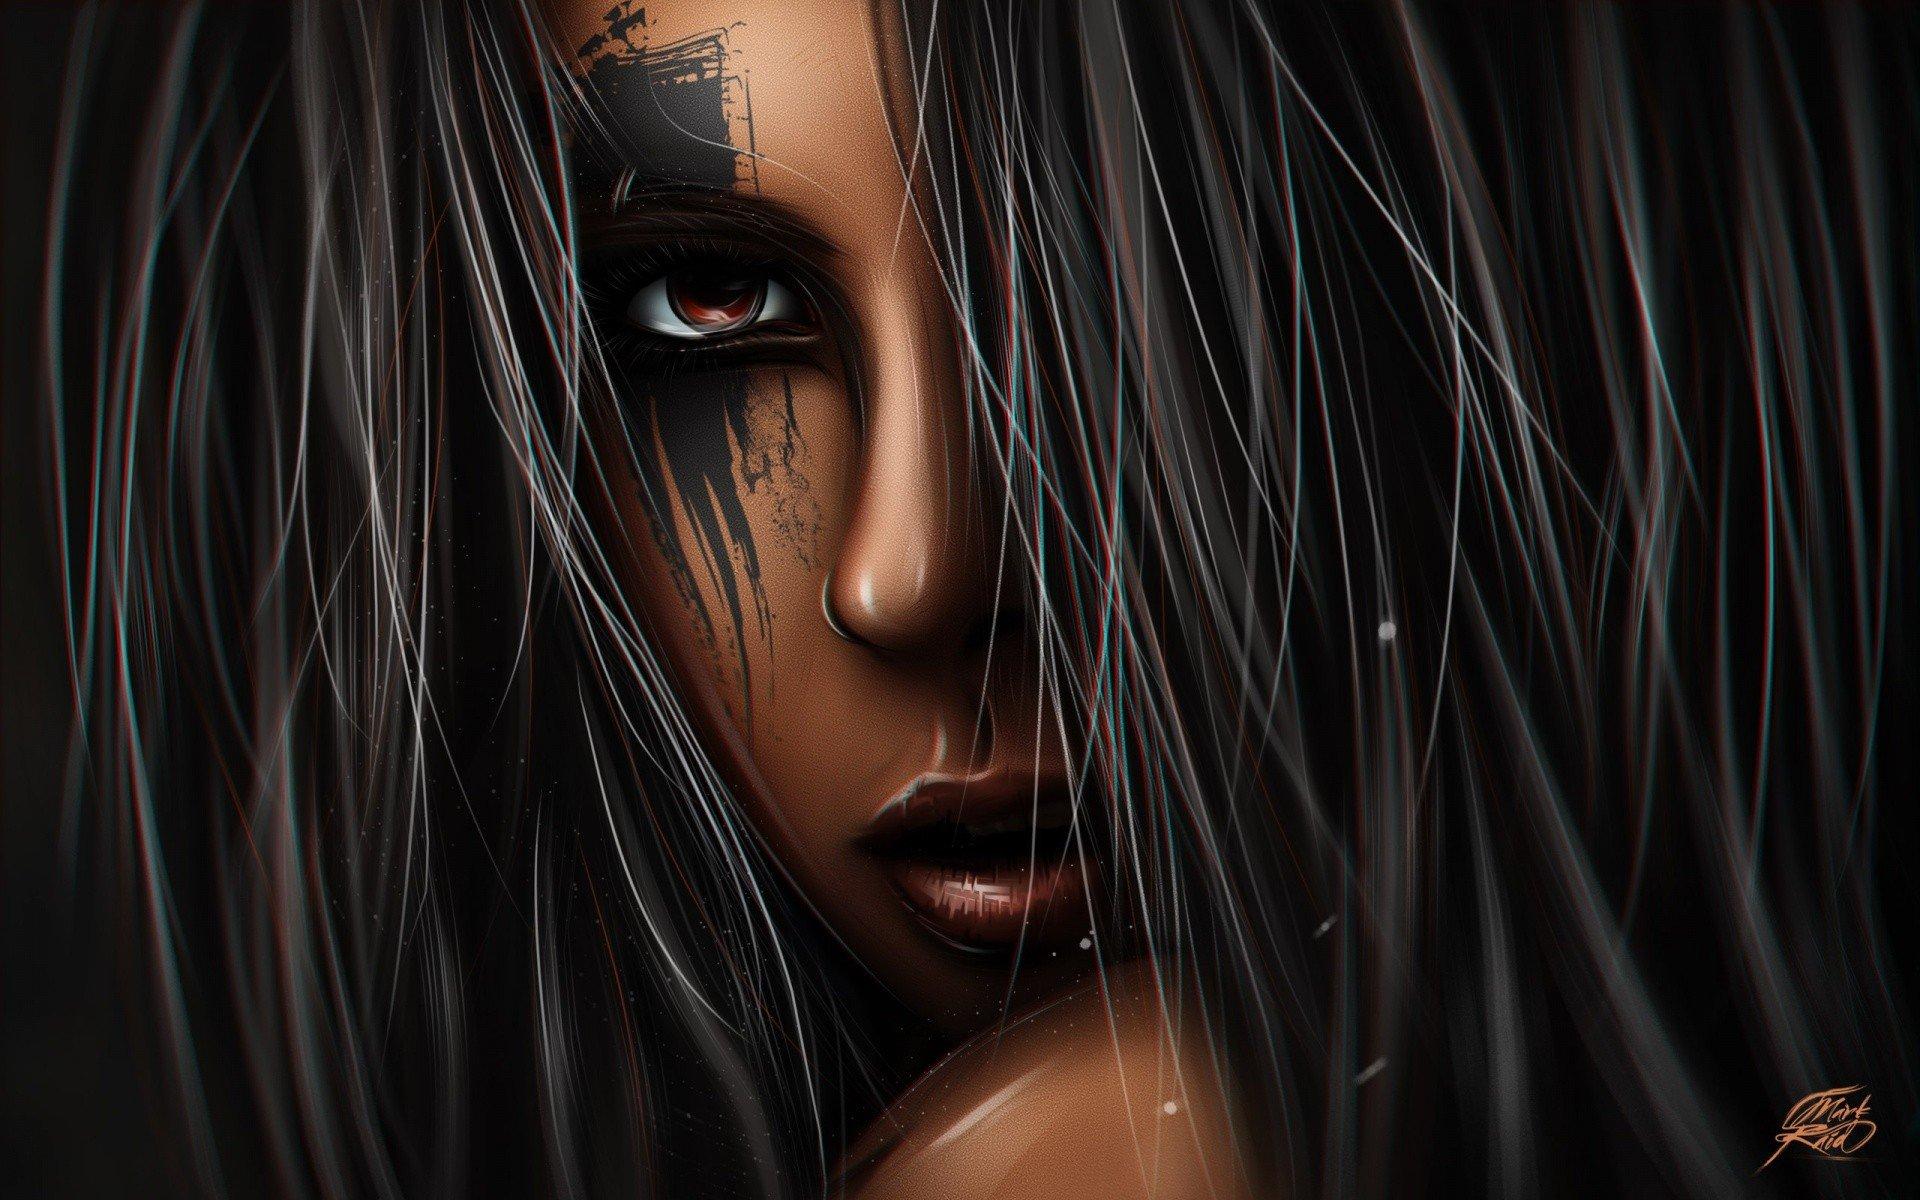 fantasy girl, Fantasy art, Artwork Wallpaper